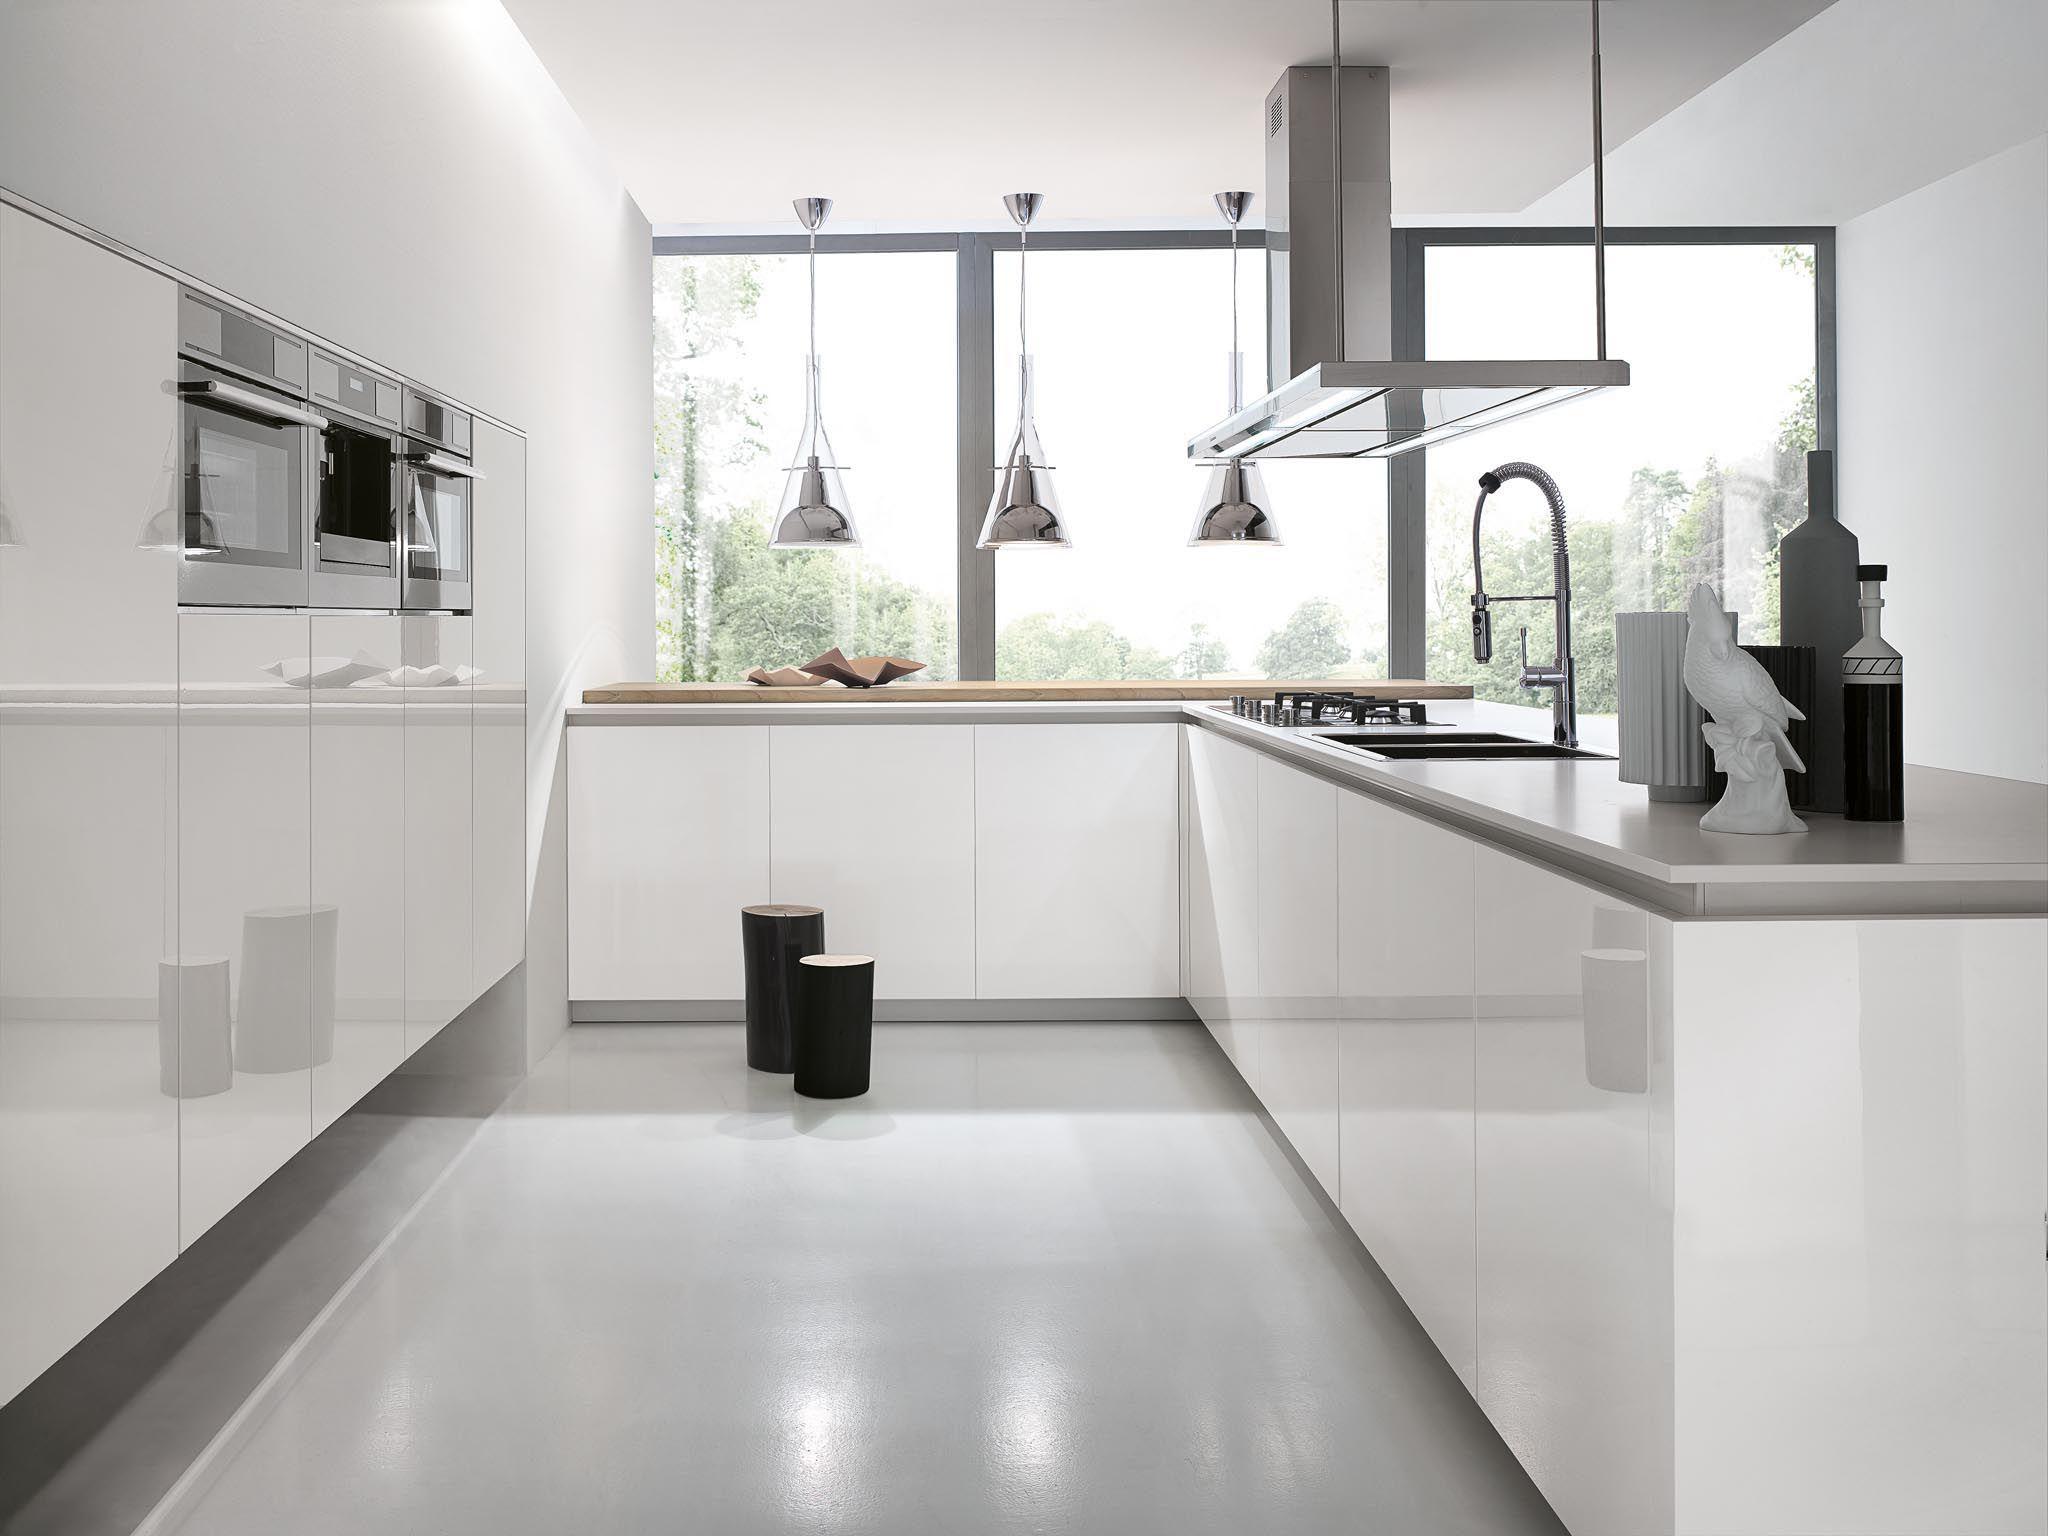 Modern Italian kitchen cabinets   Kitchen design, Modern kitchen ...